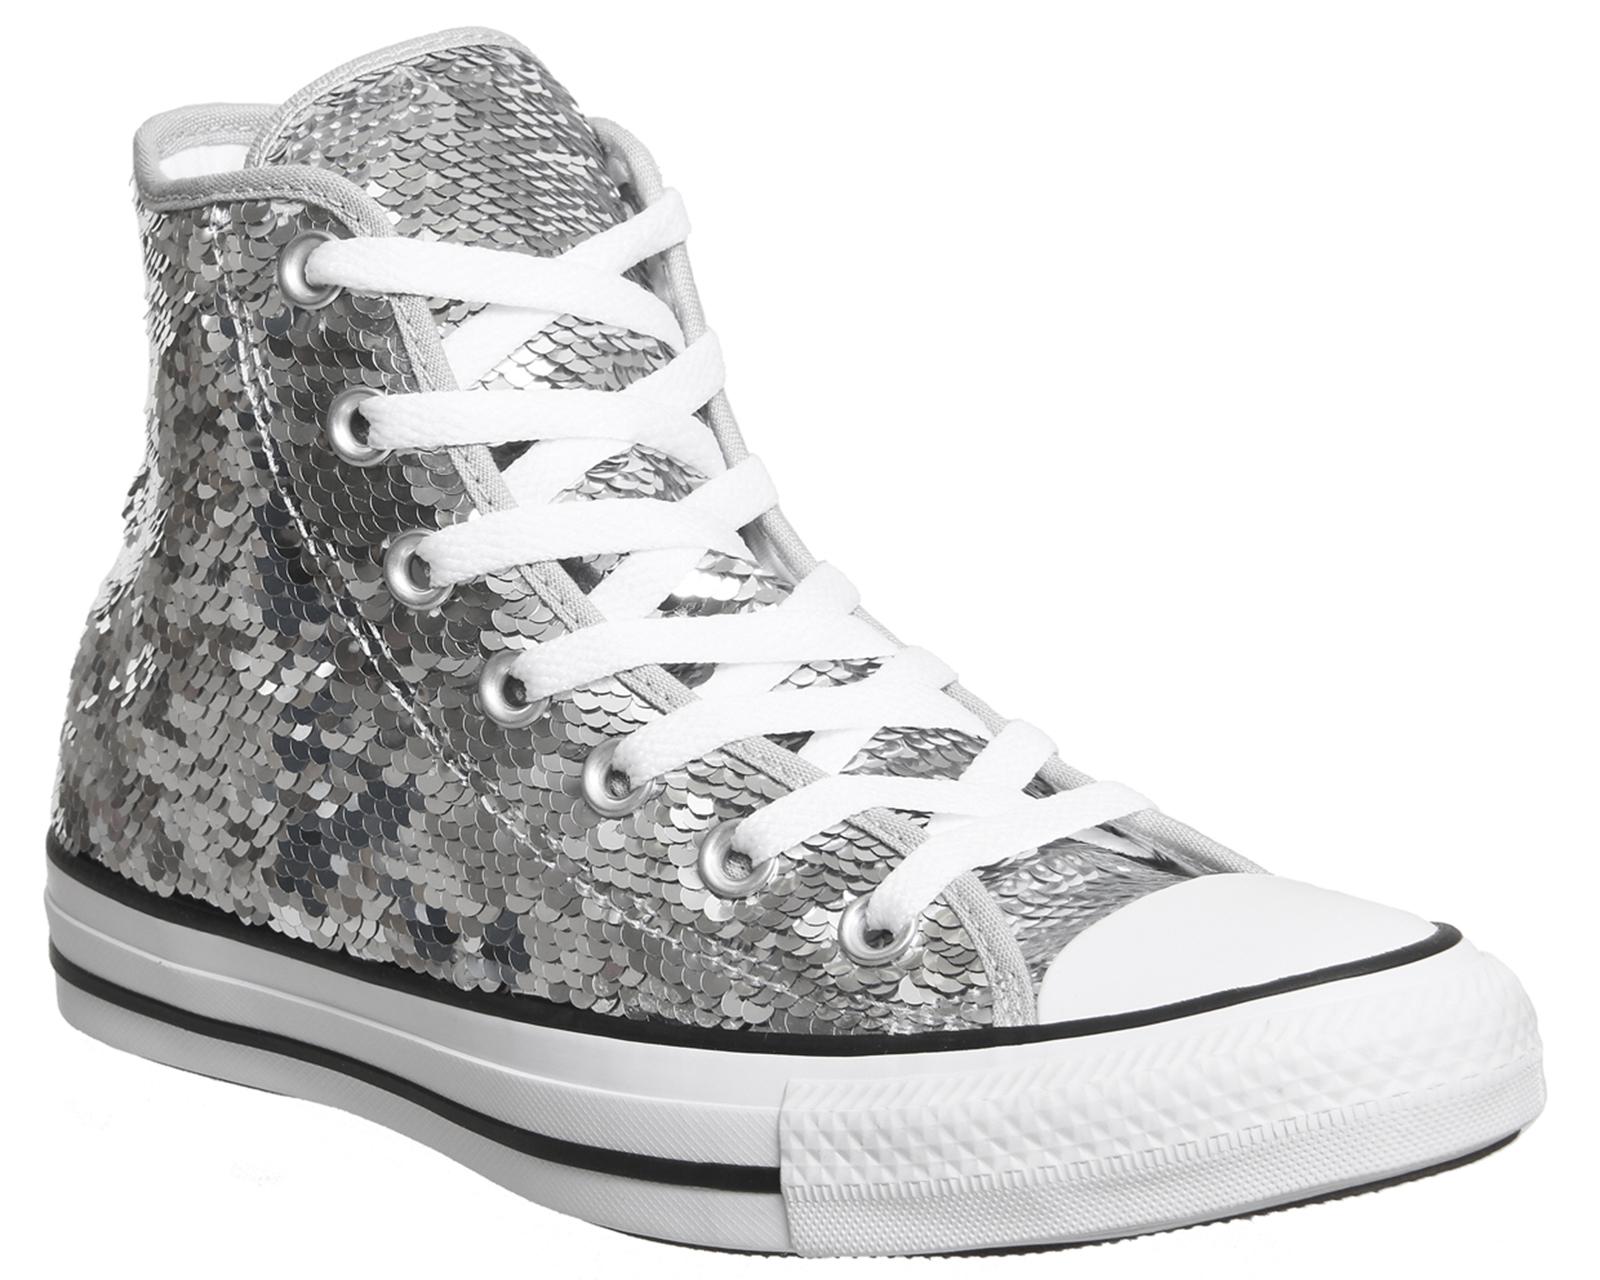 d97173777dee Hi Hi Sequin Star Trainers Converse All Ebay Ebay Shoes Womens Silver  qwtzTHPzI